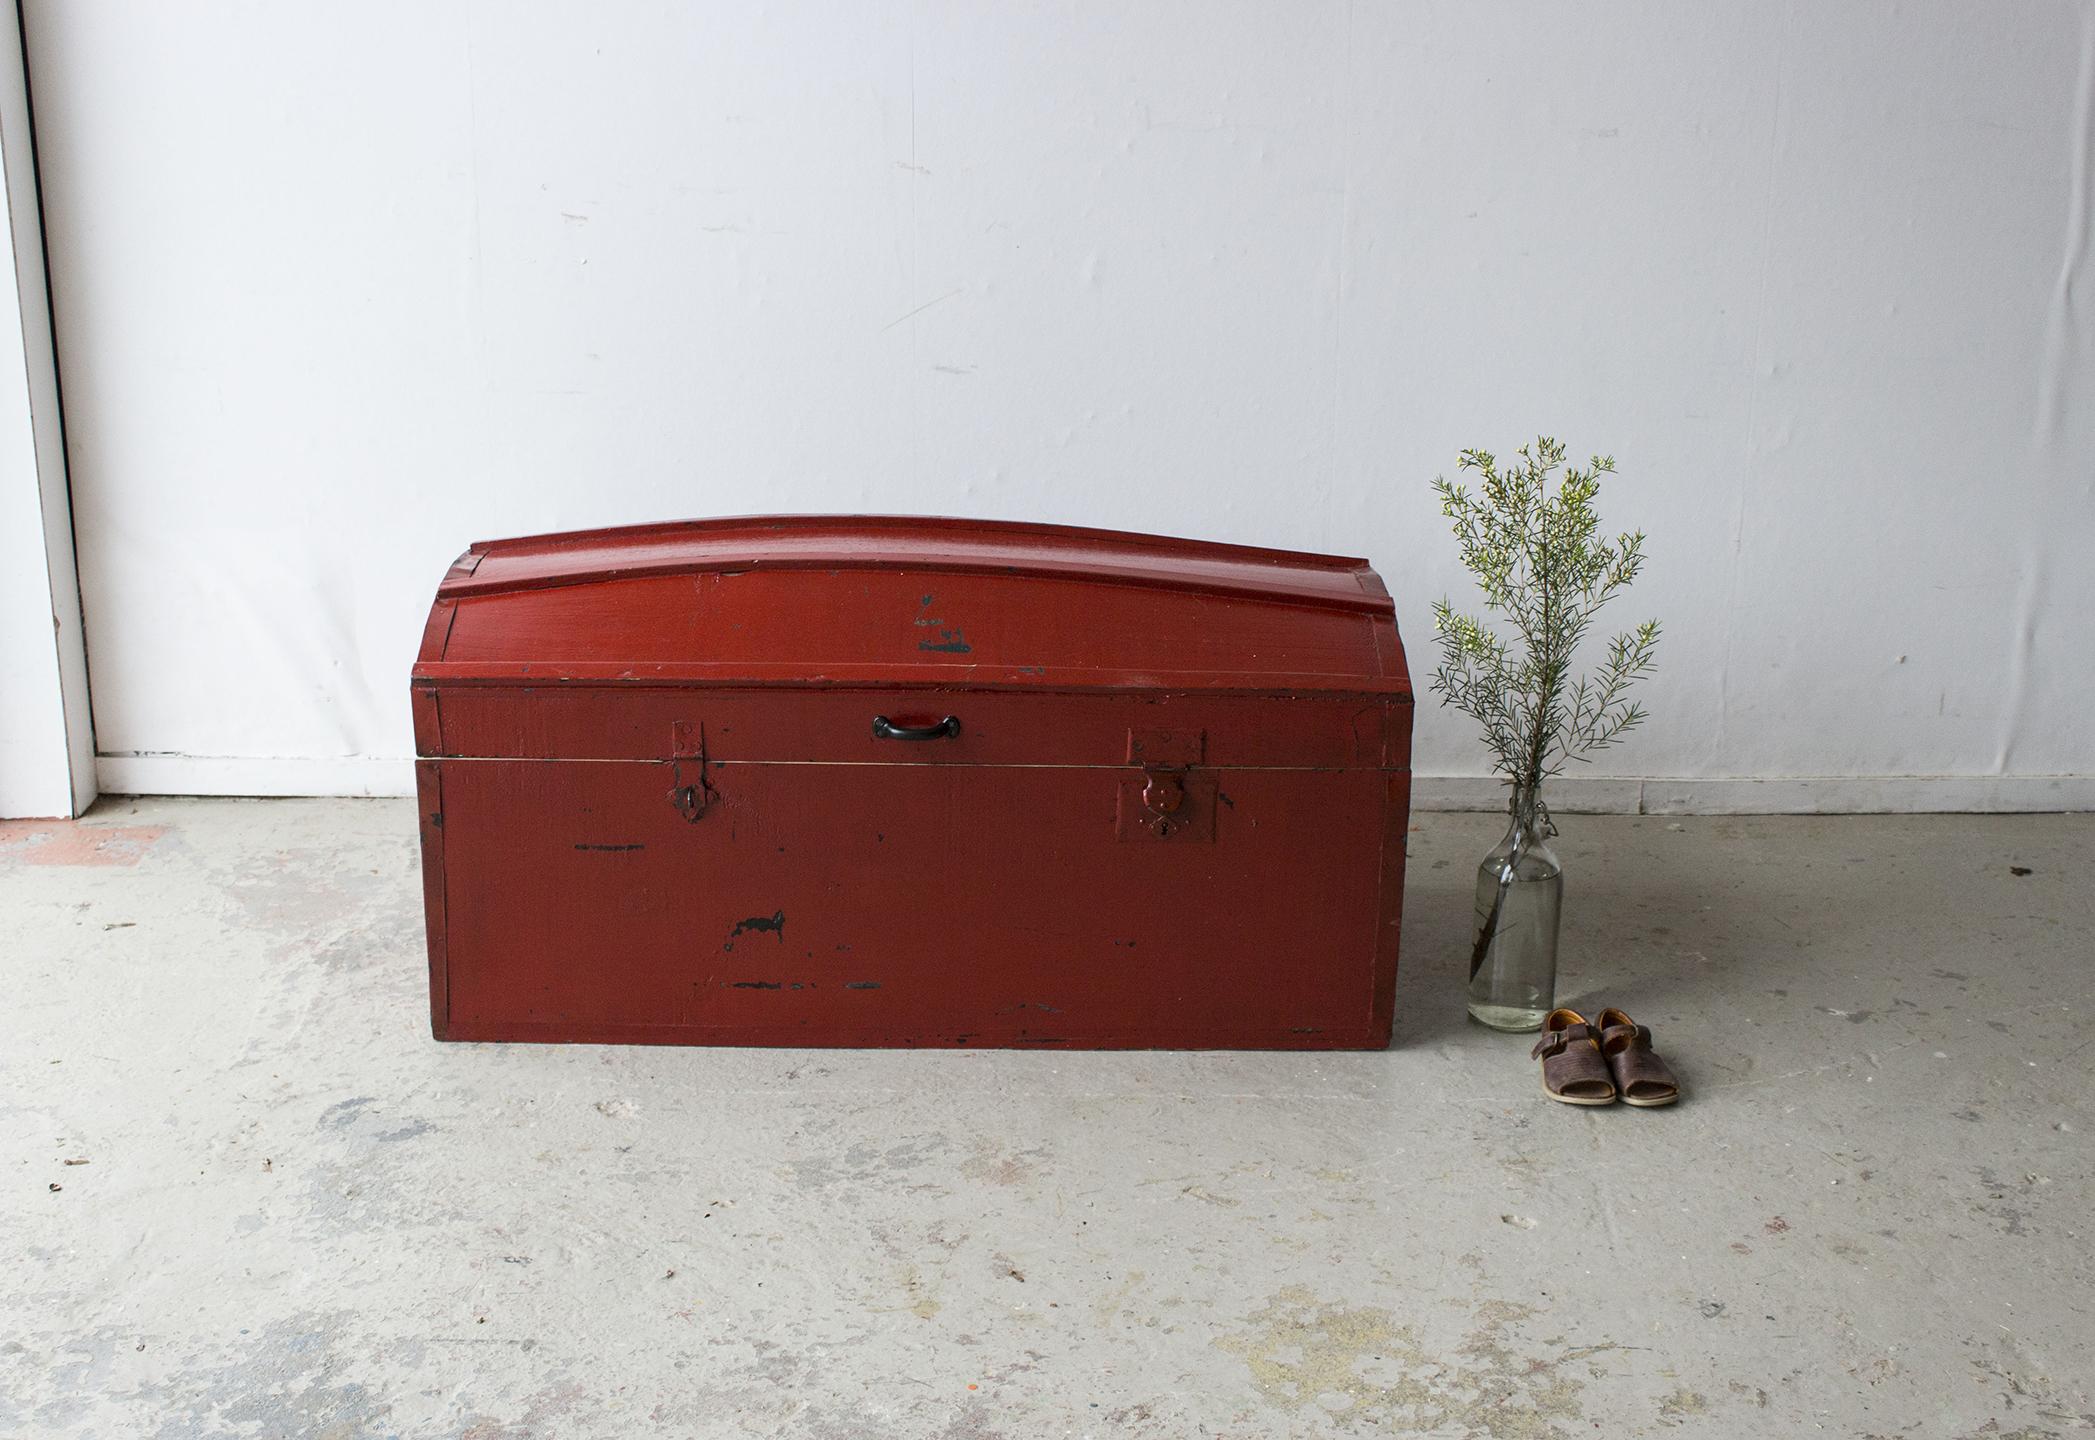 5045 - Rode vintage kist met bolle deksel - Firma zoethout_1.jpg